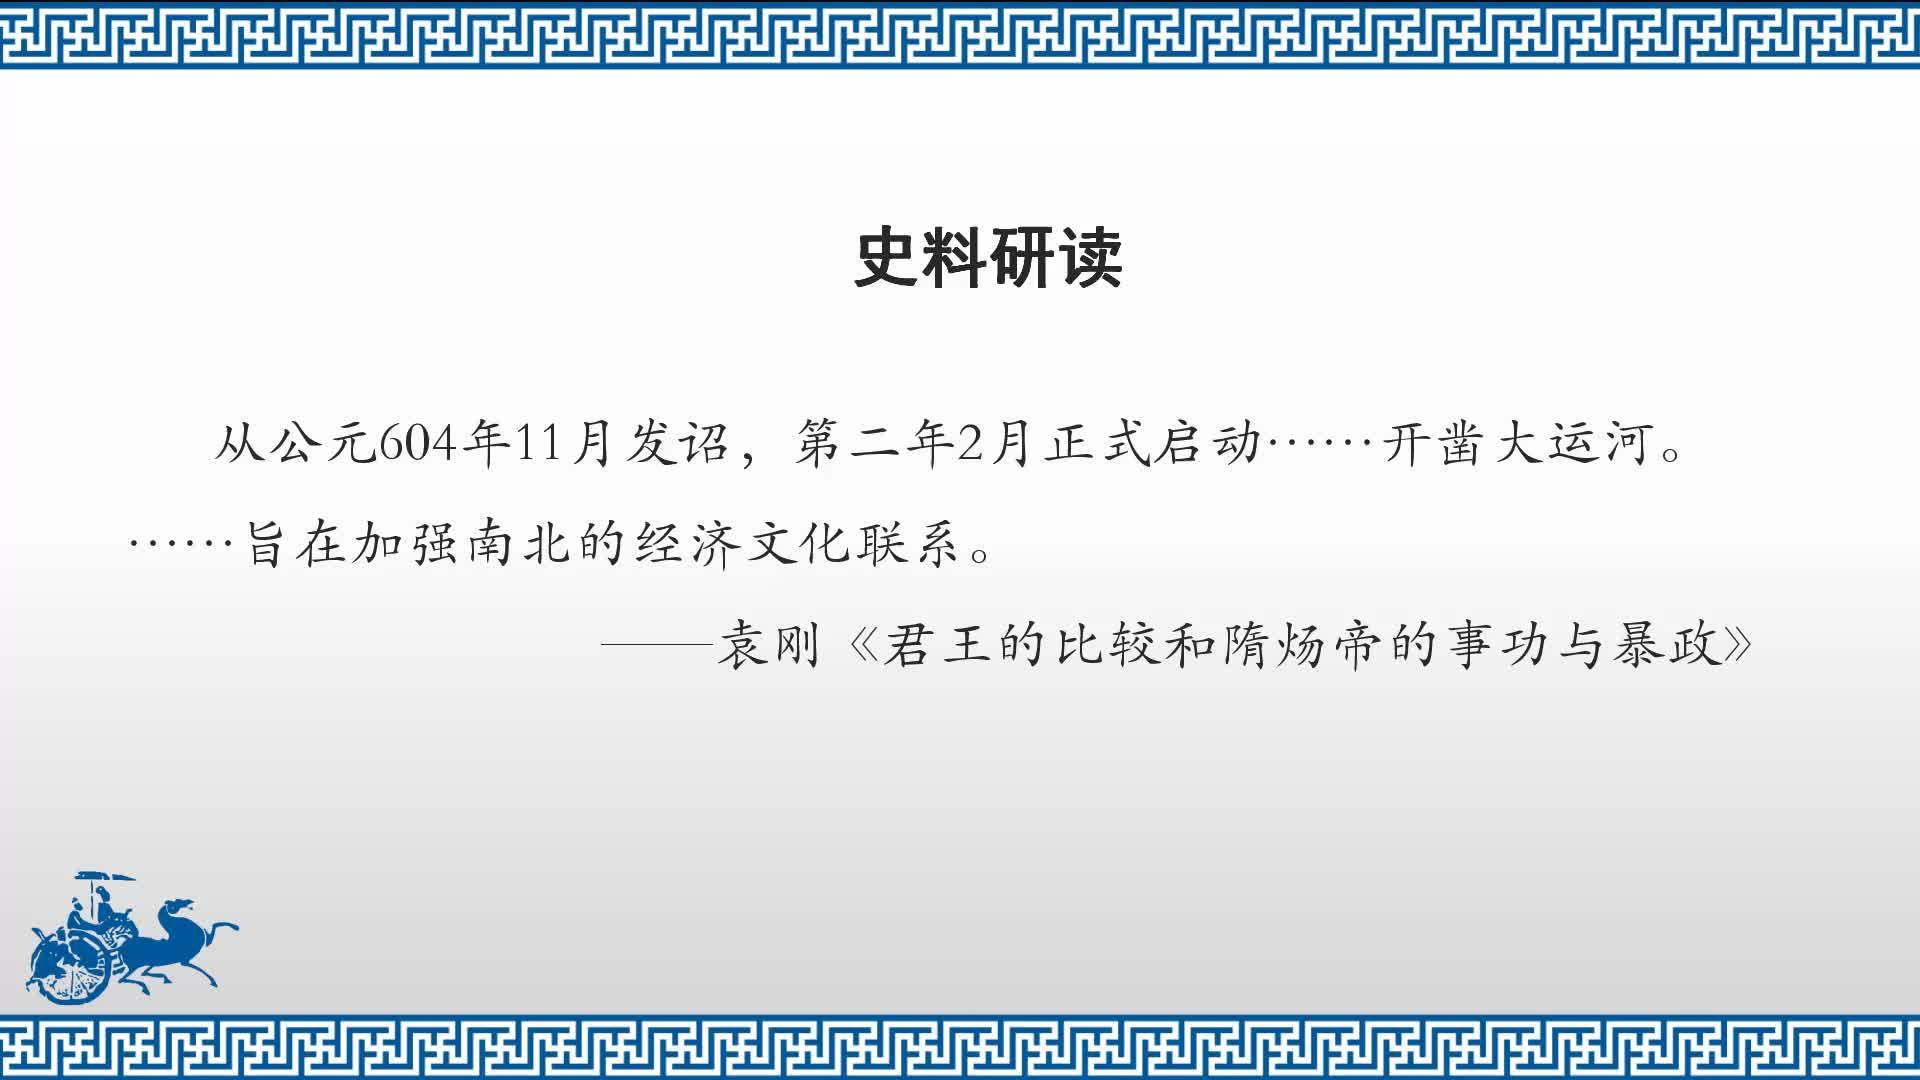 江蘇省灌云縣四隊中學部編版七年級歷史下冊視頻課:大運河的開通